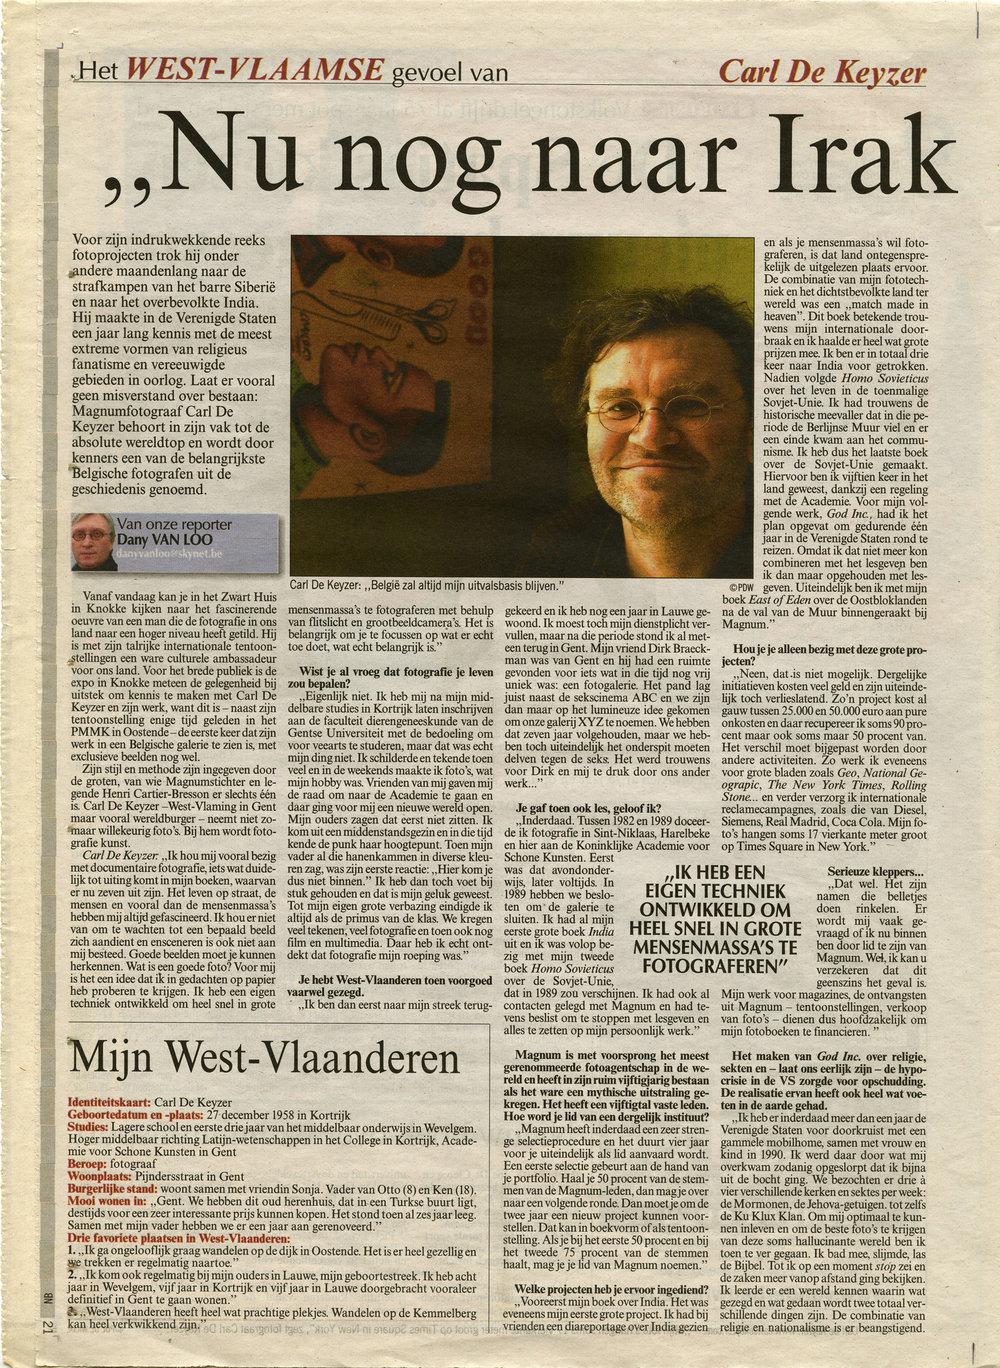 Het Nieuwsblad (Zwart Huis retro)